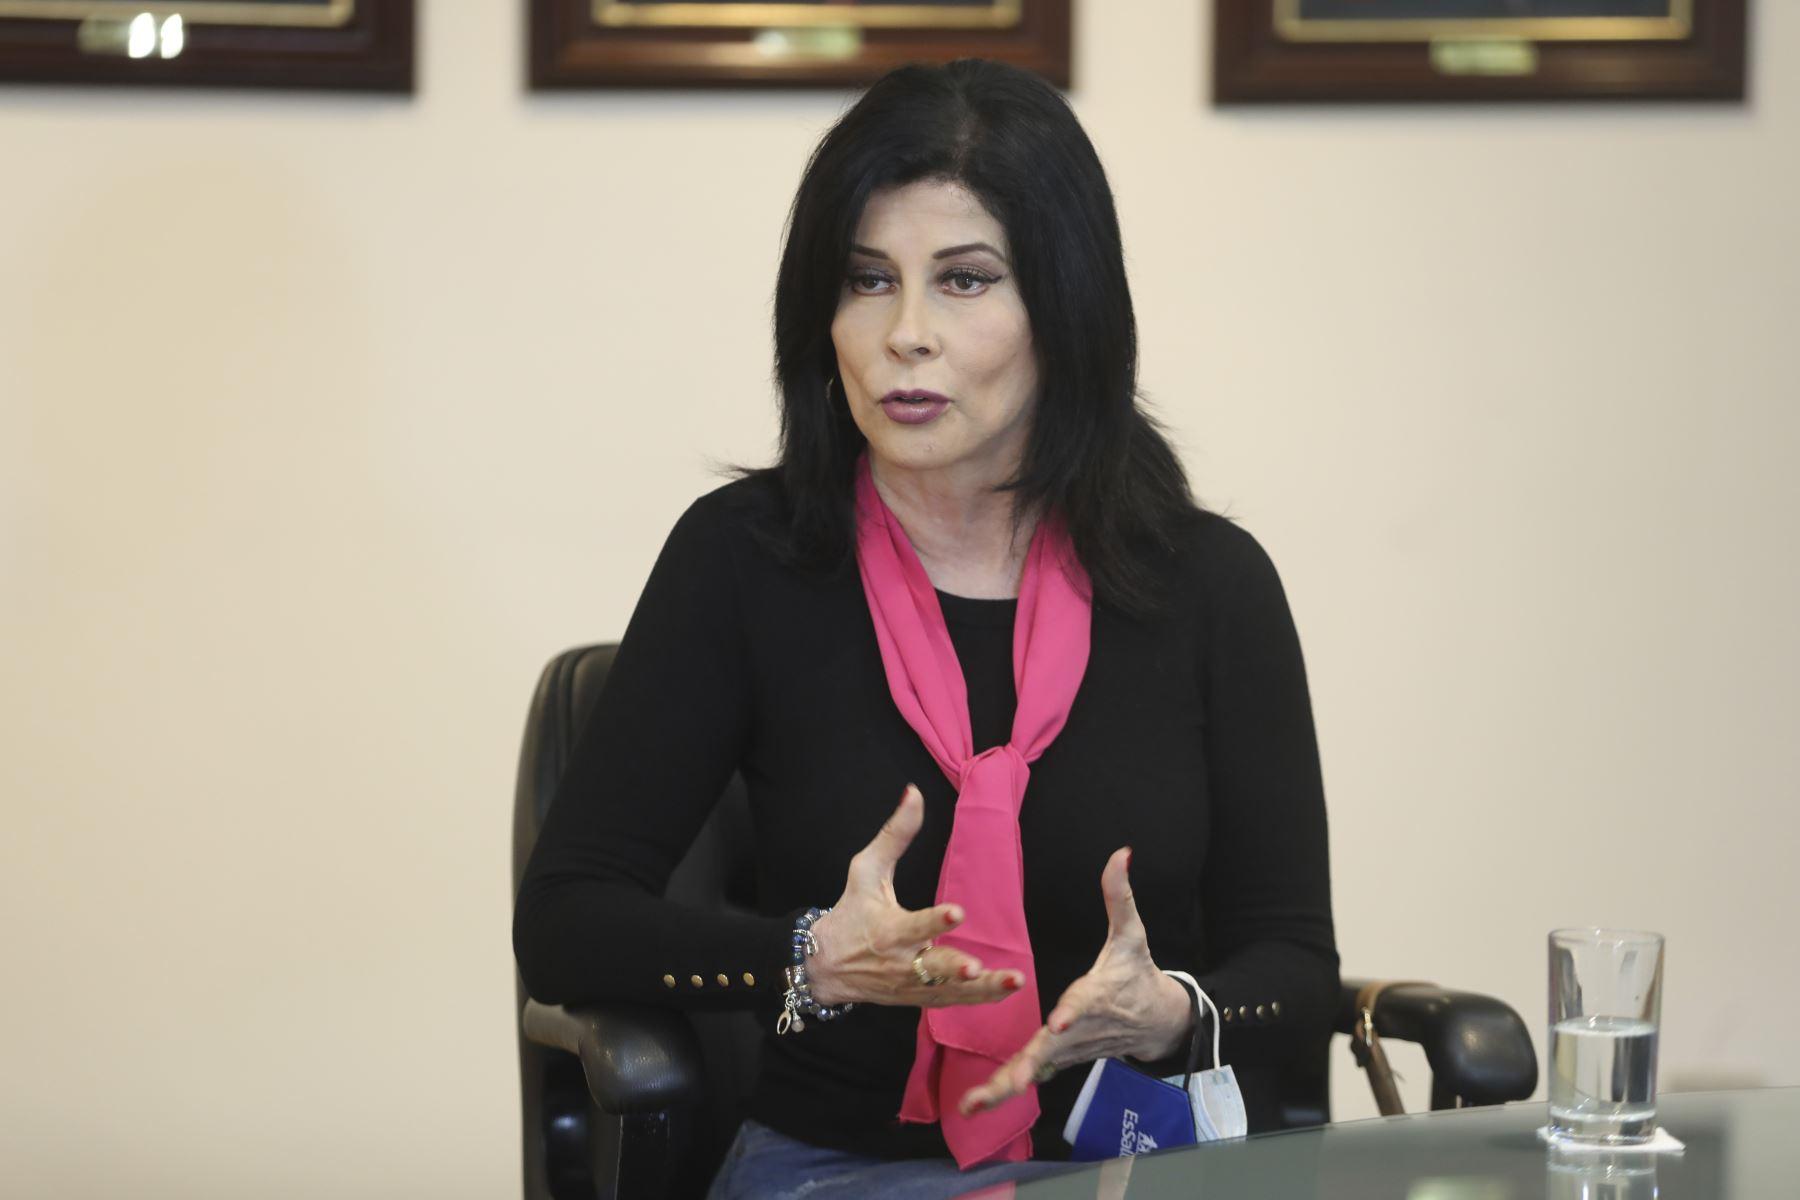 Actriz Olga Zumarán inicia tratamiento por cáncer de cuello uterino en EsSalud